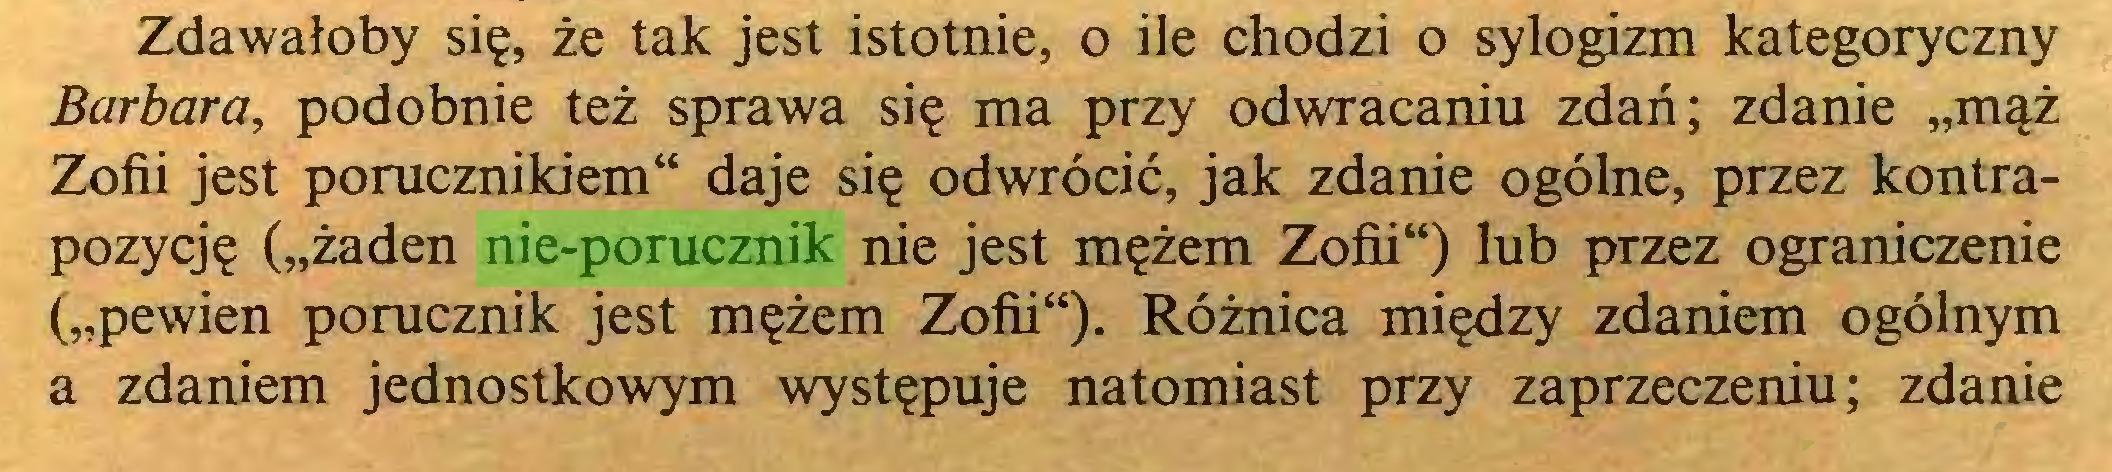 """(...) Zdawałoby się, że tak jest istotnie, o ile chodzi o sylogizm kategoryczny Barbara, podobnie też sprawa się ma przy odwracaniu zdań; zdanie """"mąż Zofii jest porucznikiem"""" daje się odwrócić, jak zdanie ogólne, przez kontrapozycję (""""żaden nie-porucznik nie jest mężem Zofii"""") lub przez ograniczenie (""""pewien porucznik jest mężem Zofii""""). Różnica między zdaniem ogólnym a zdaniem jednostkowym występuje natomiast przy zaprzeczeniu; zdanie..."""